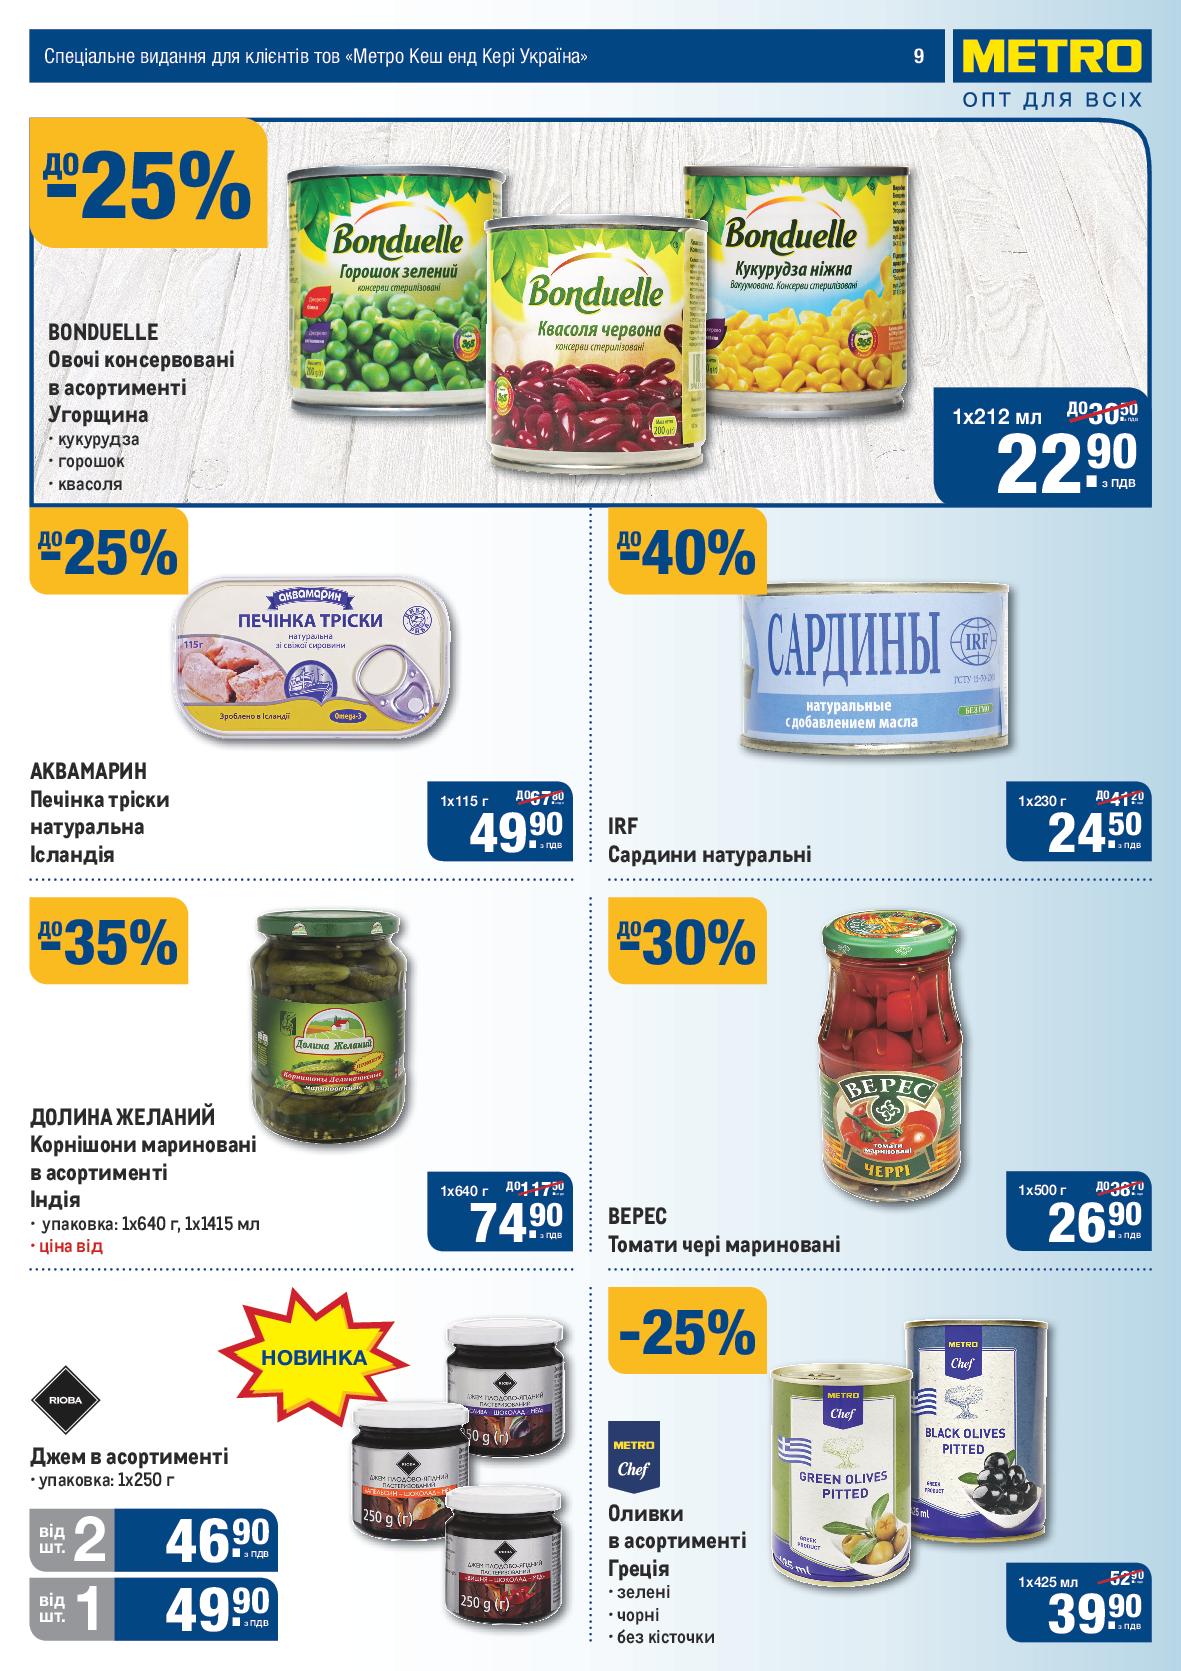 Пора за покупками: свежие скидки и акции в магазинах Днепра , фото-37